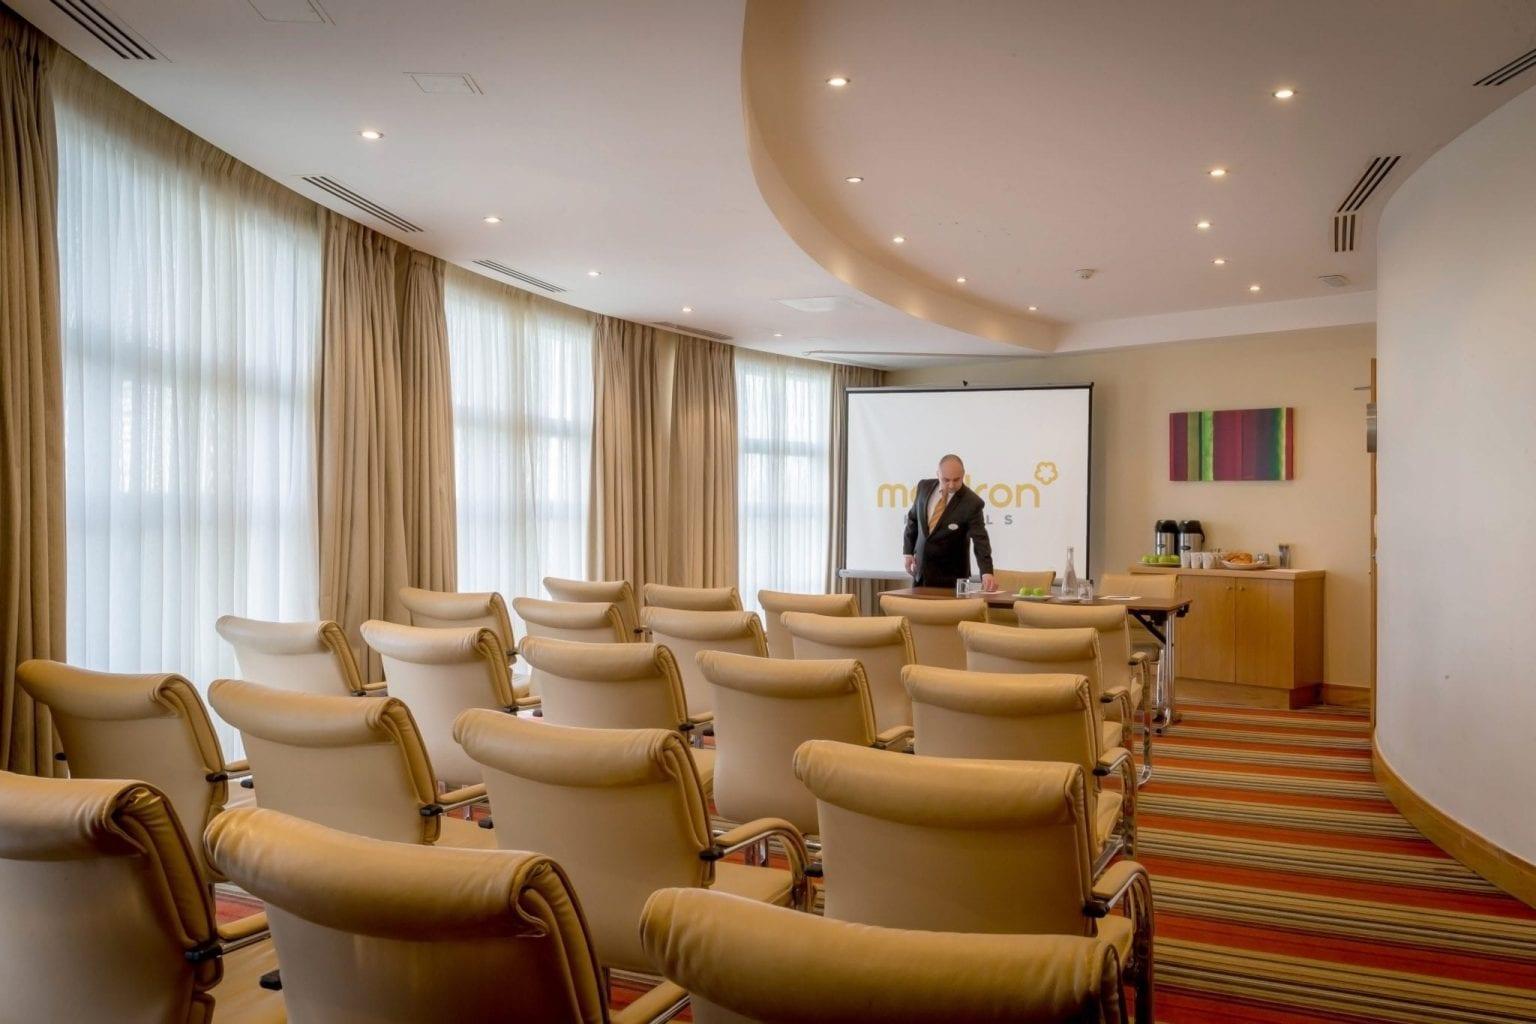 Limerick Hotel Leisure Centre Maldron Hotel In Limerick